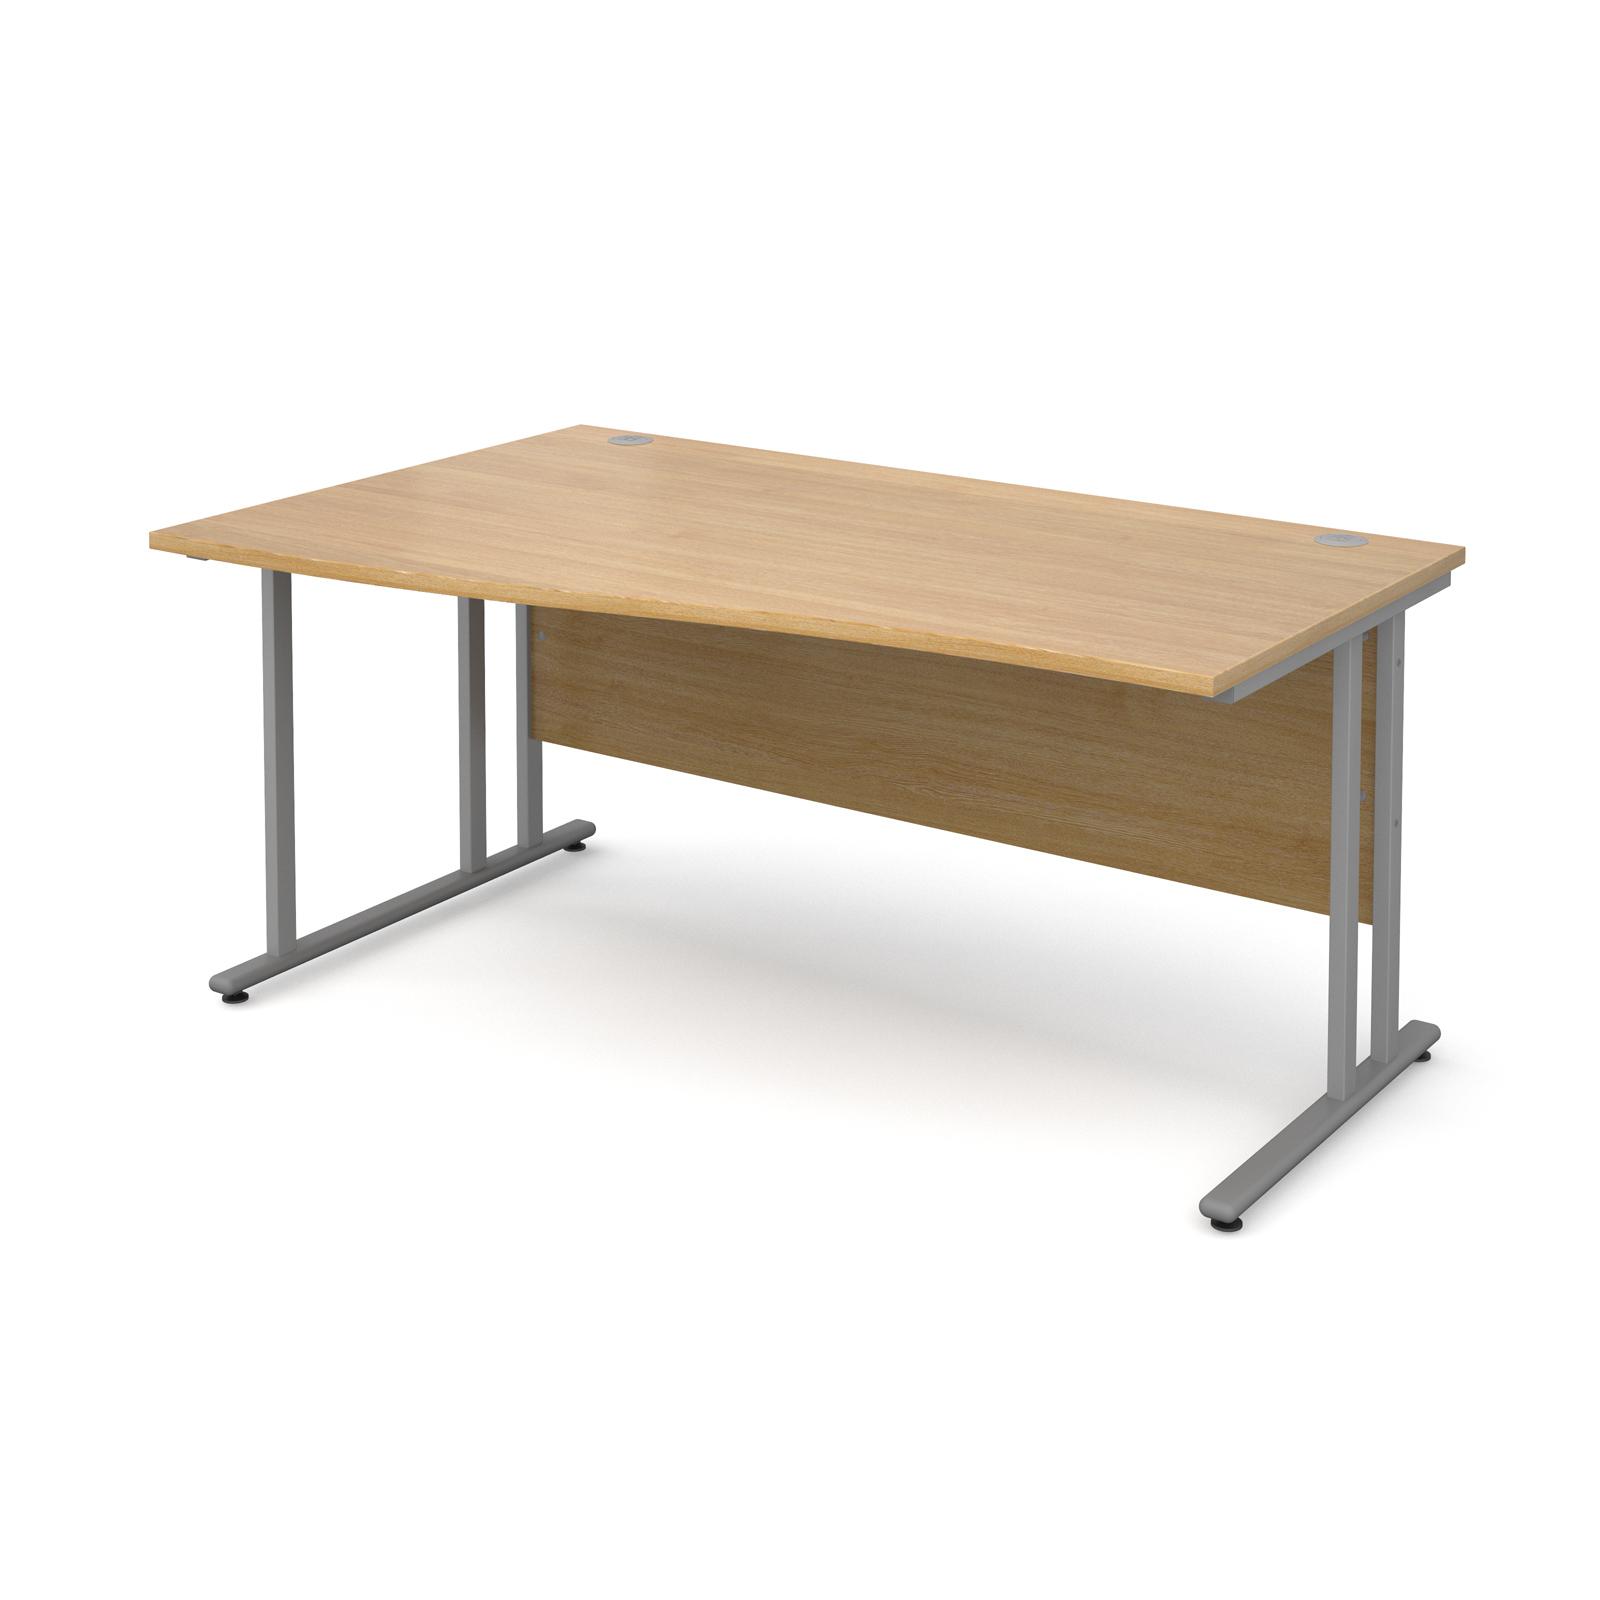 Maestro 25 SL left hand wave desk 1600mm - silver cantilever frame, oak top